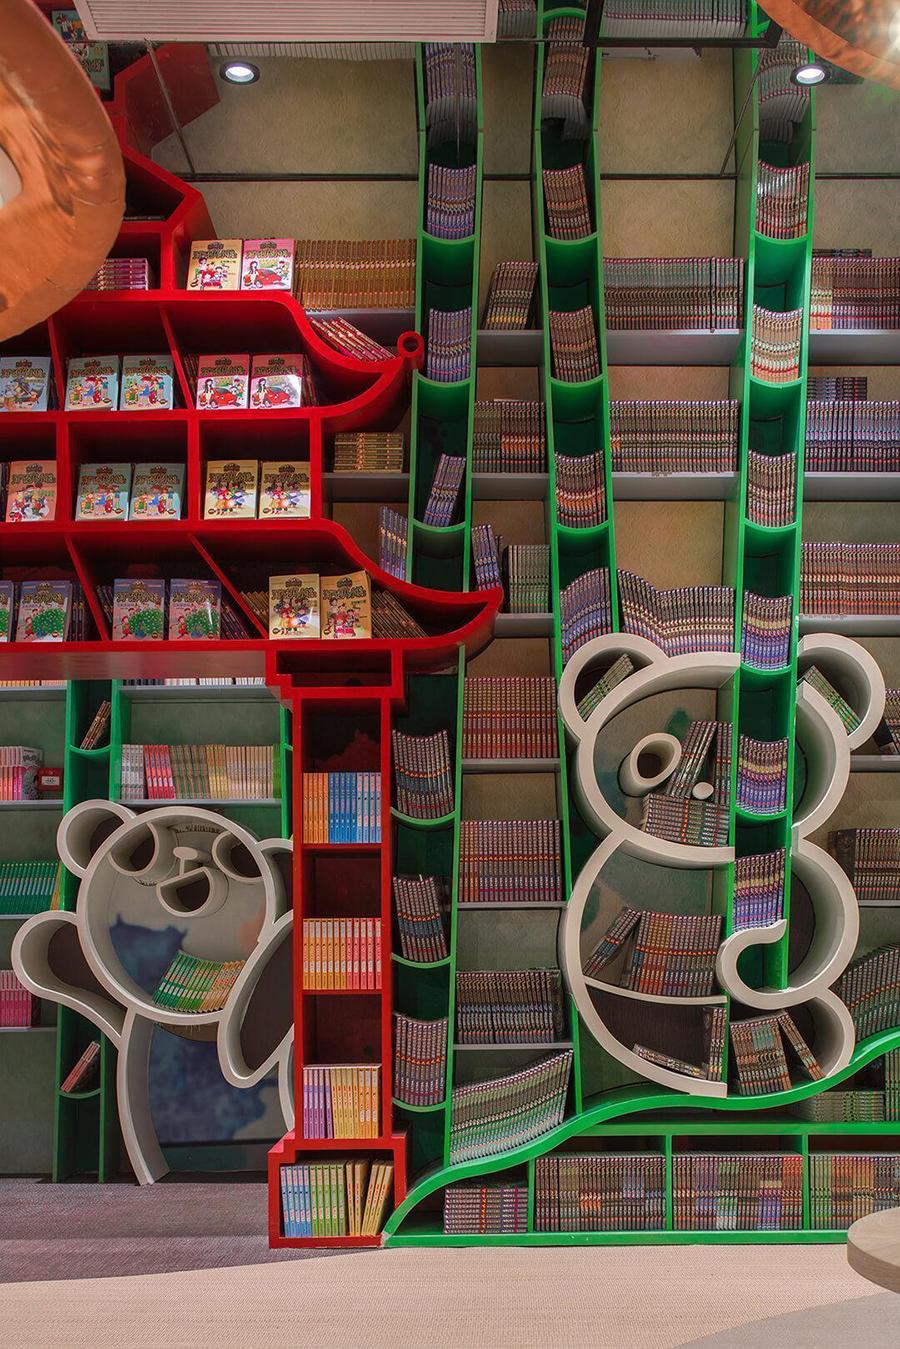 Wnętrze księgani z pułkami w kształcie chińskich wież oraz pand